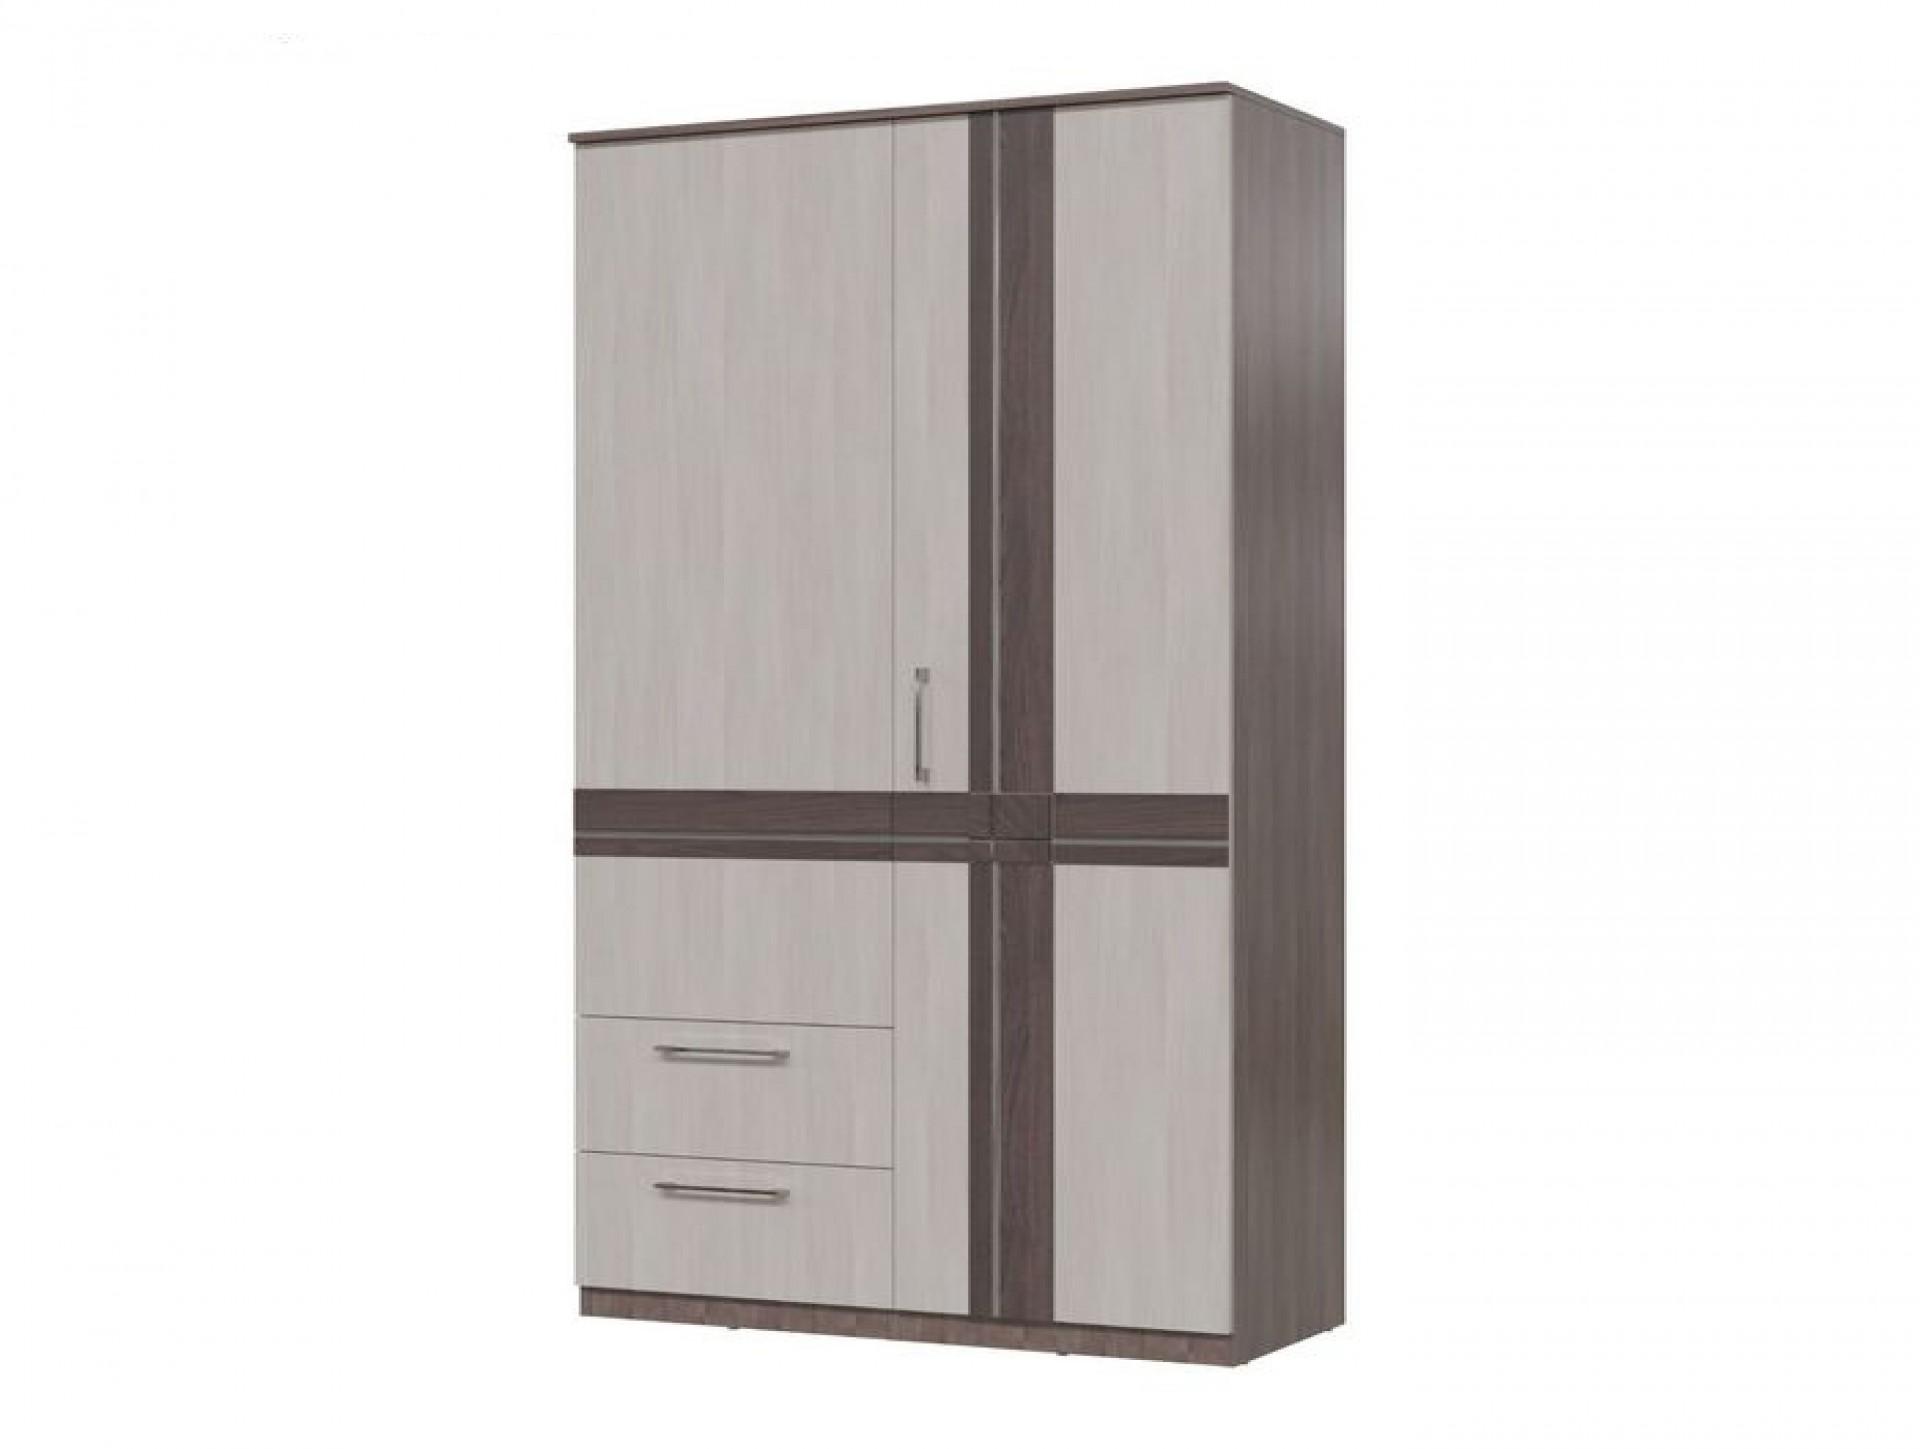 Шкаф 2х дверный с ящиками «Презент» приобрести в Томске